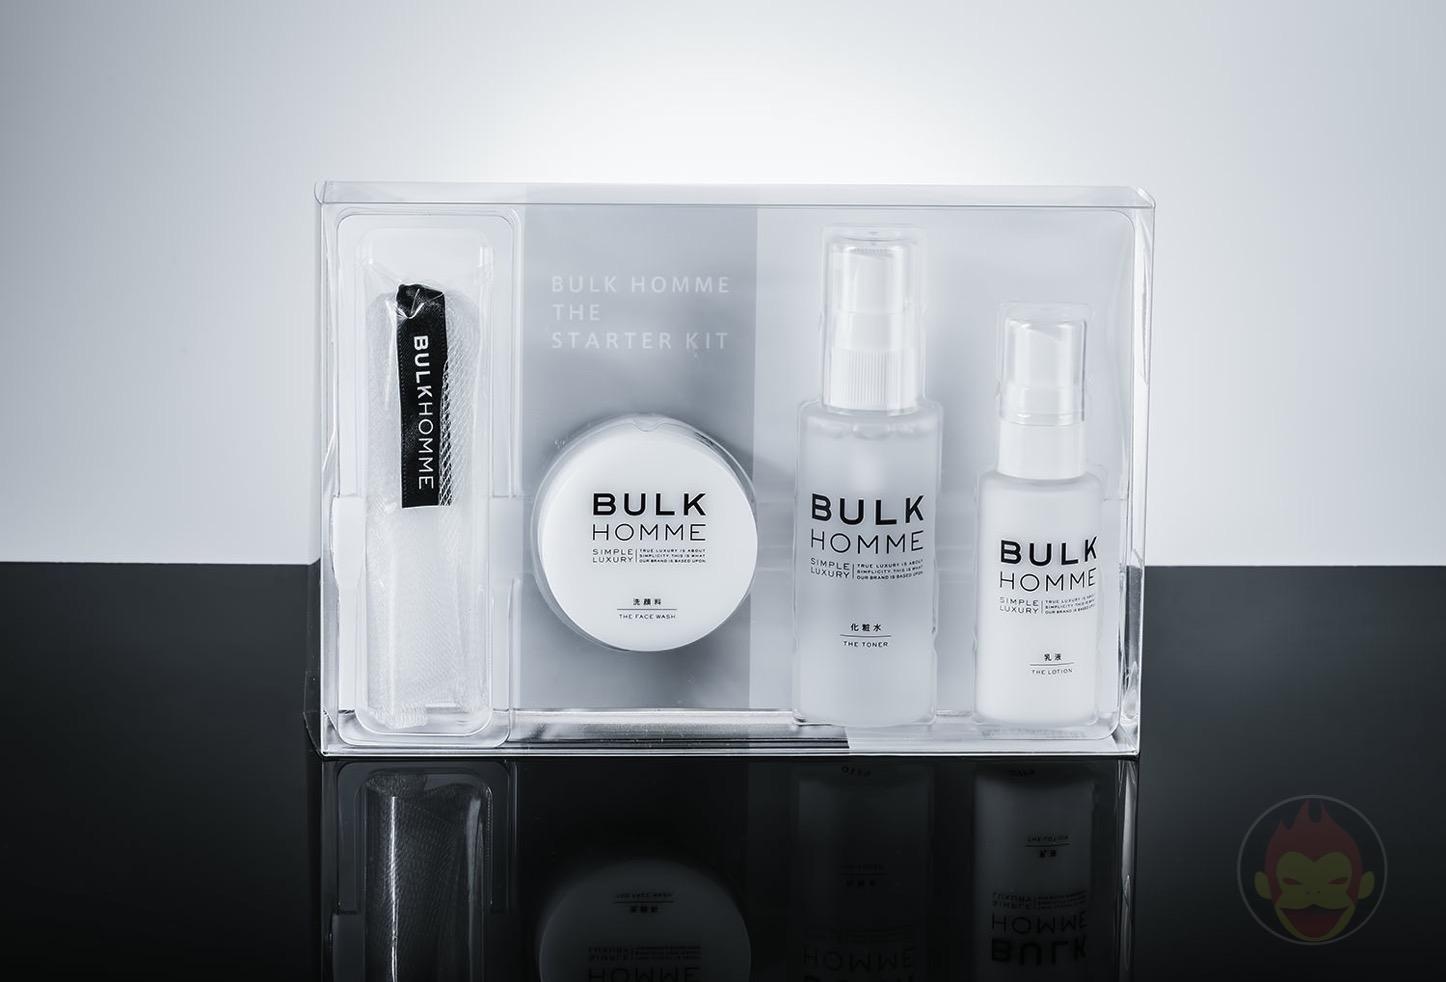 BULK-HOMME-GoriMe-01.jpg